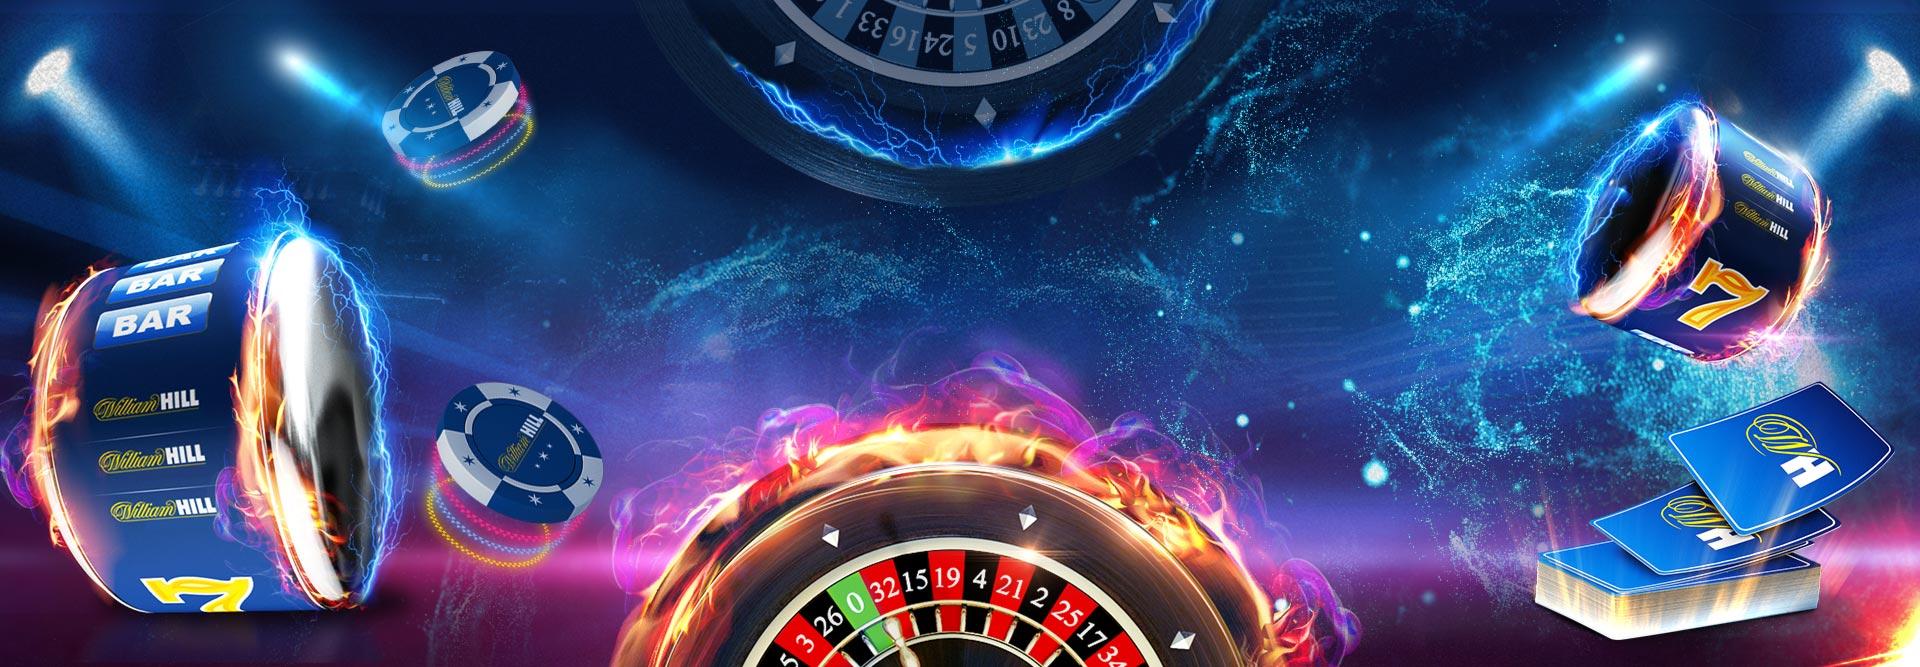 Игровые автоматы в бресте карта